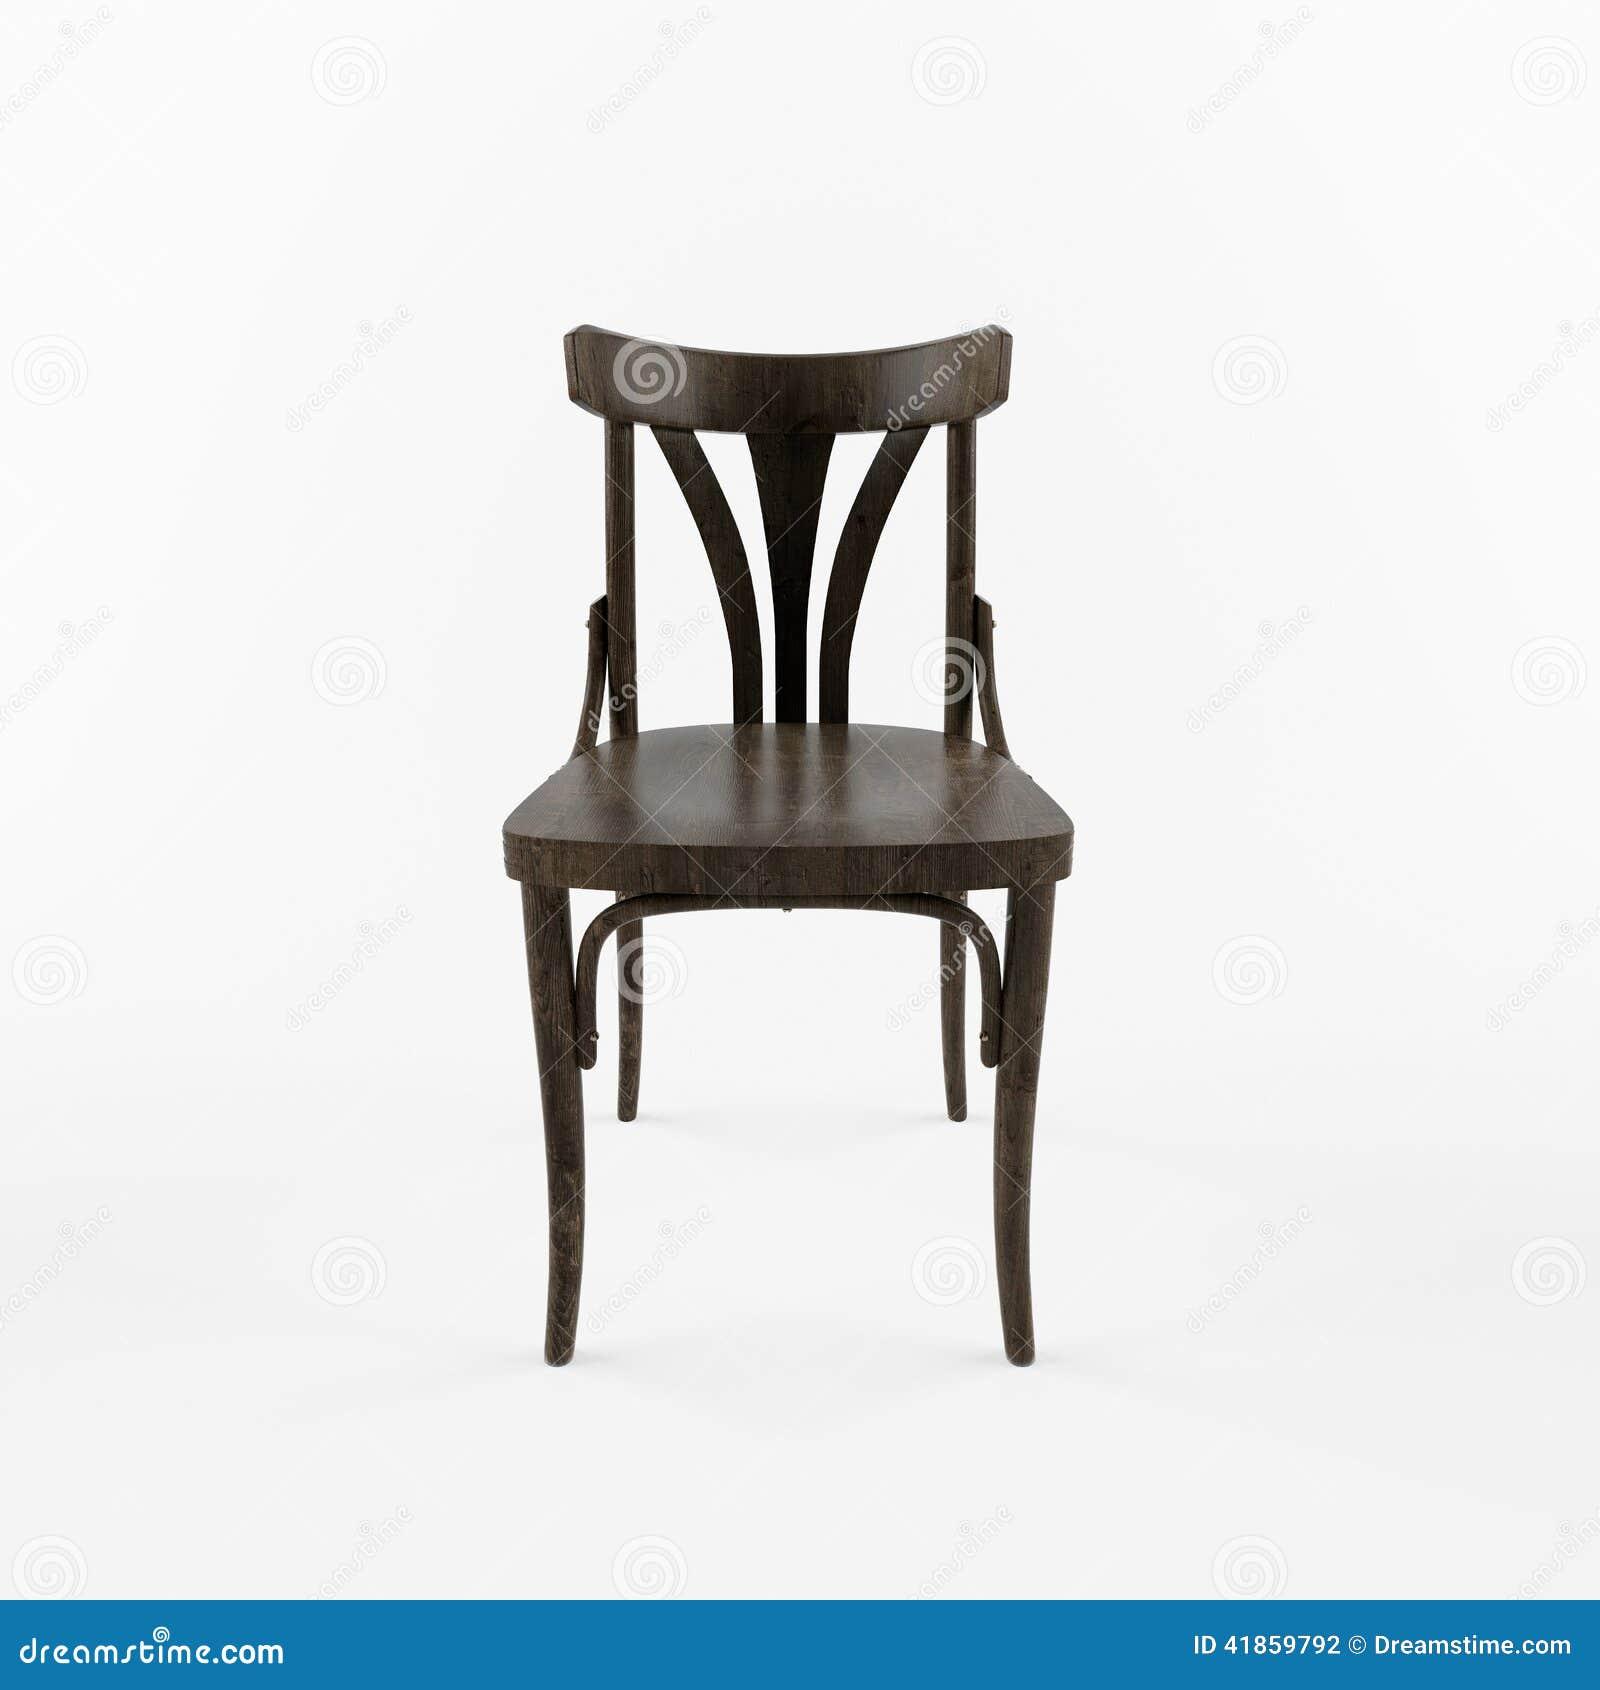 Merveilleux 3 D Retro Chair Front View